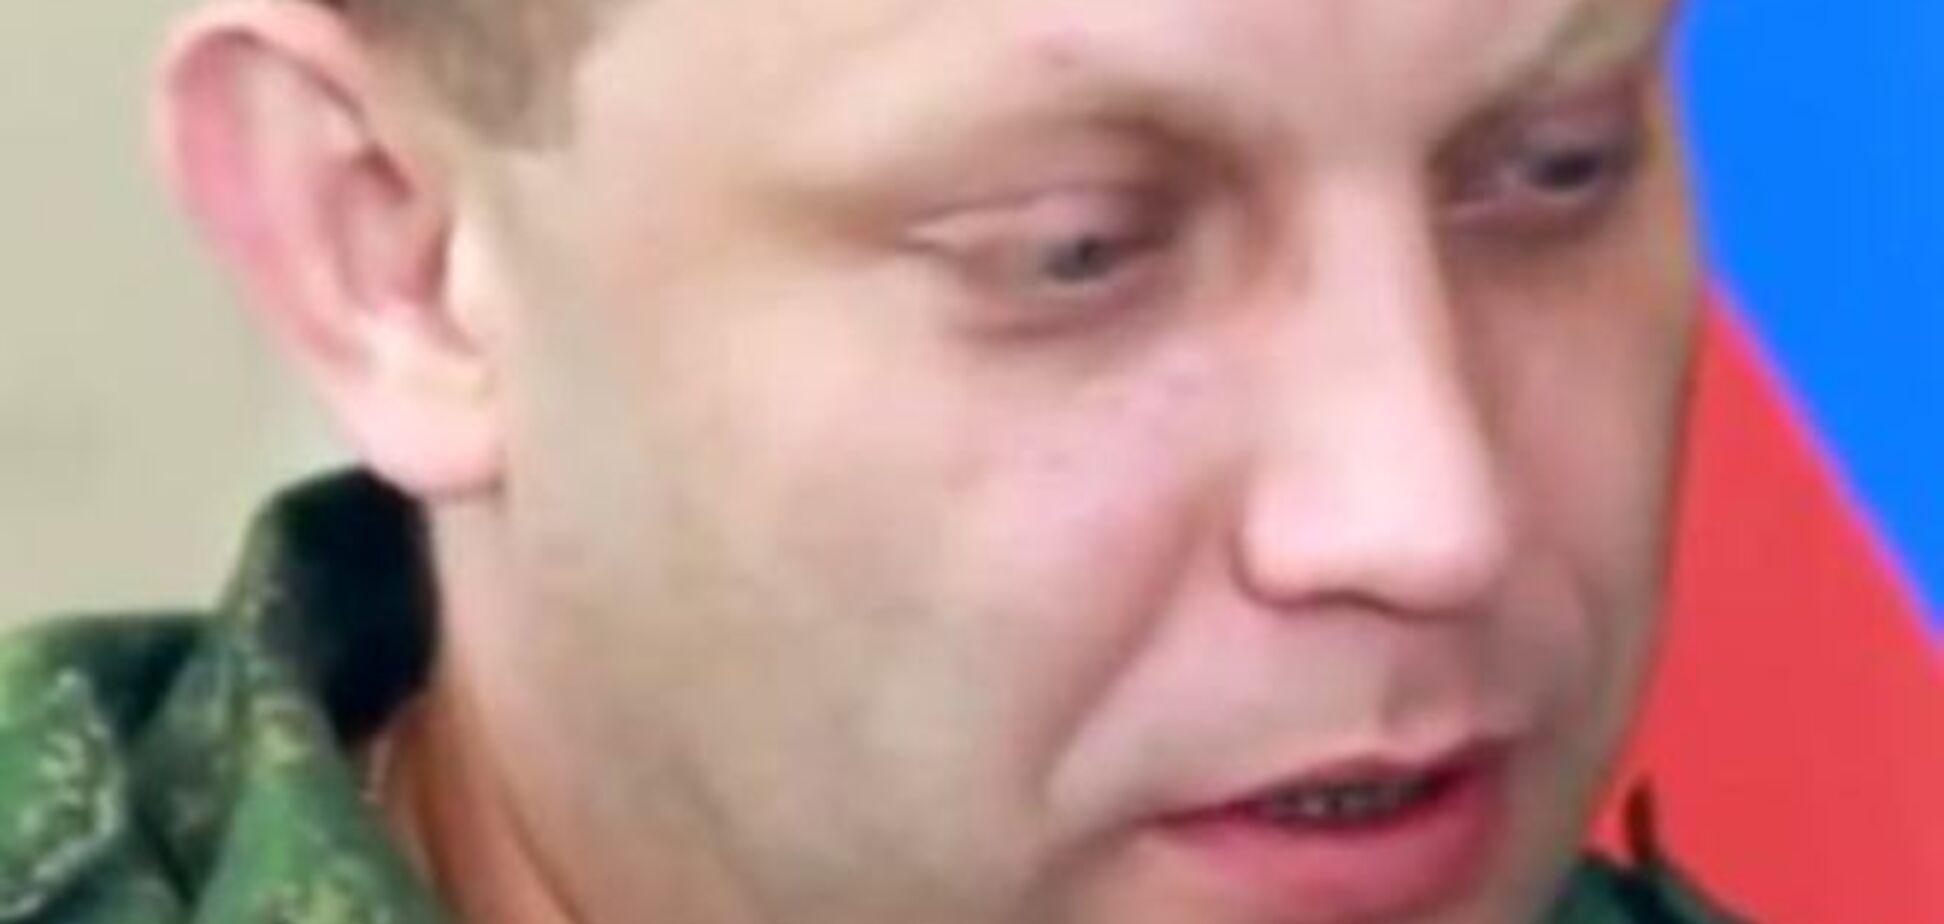 Пьяный упал на стакан: соцсети обсуждают фото 'бланша' террориста Захарченко